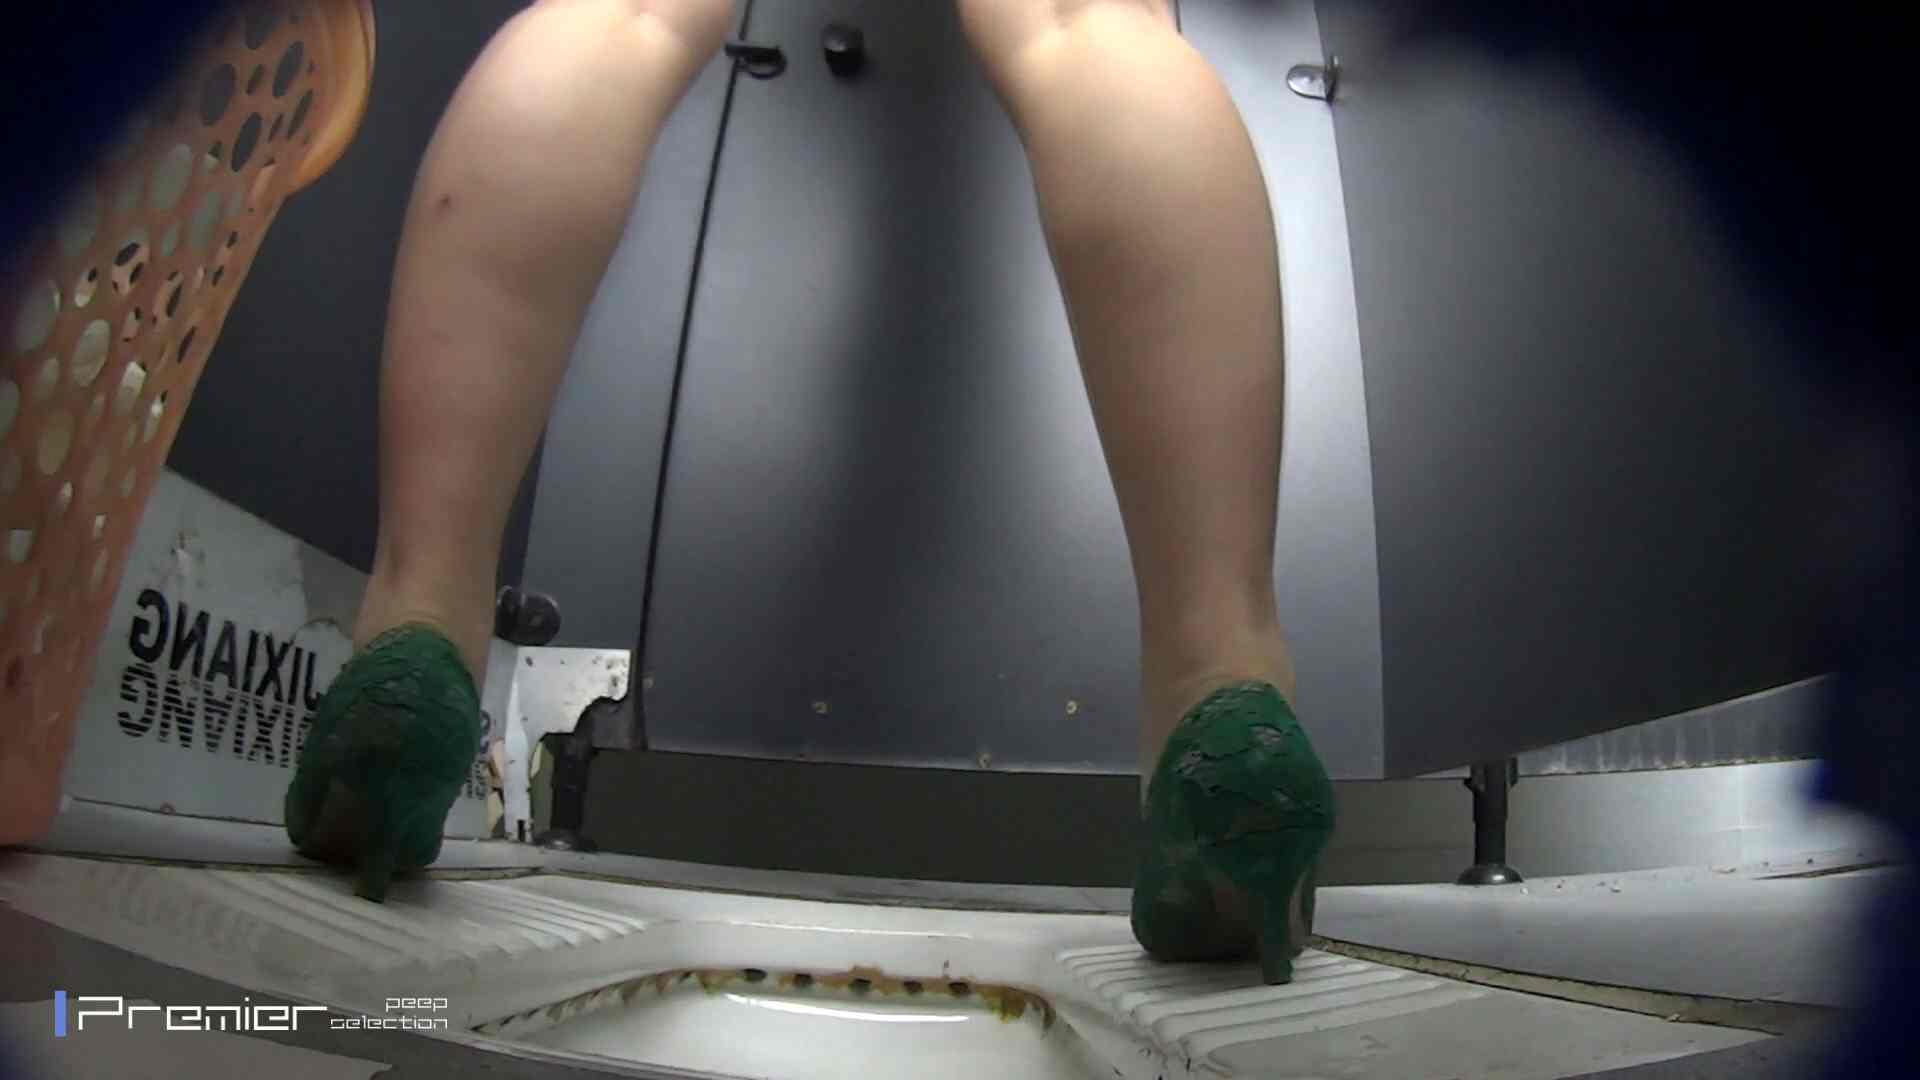 びゅーっと!オシッコ放出 大学休憩時間の洗面所事情47 ギャルズ AV動画キャプチャ 105画像 2